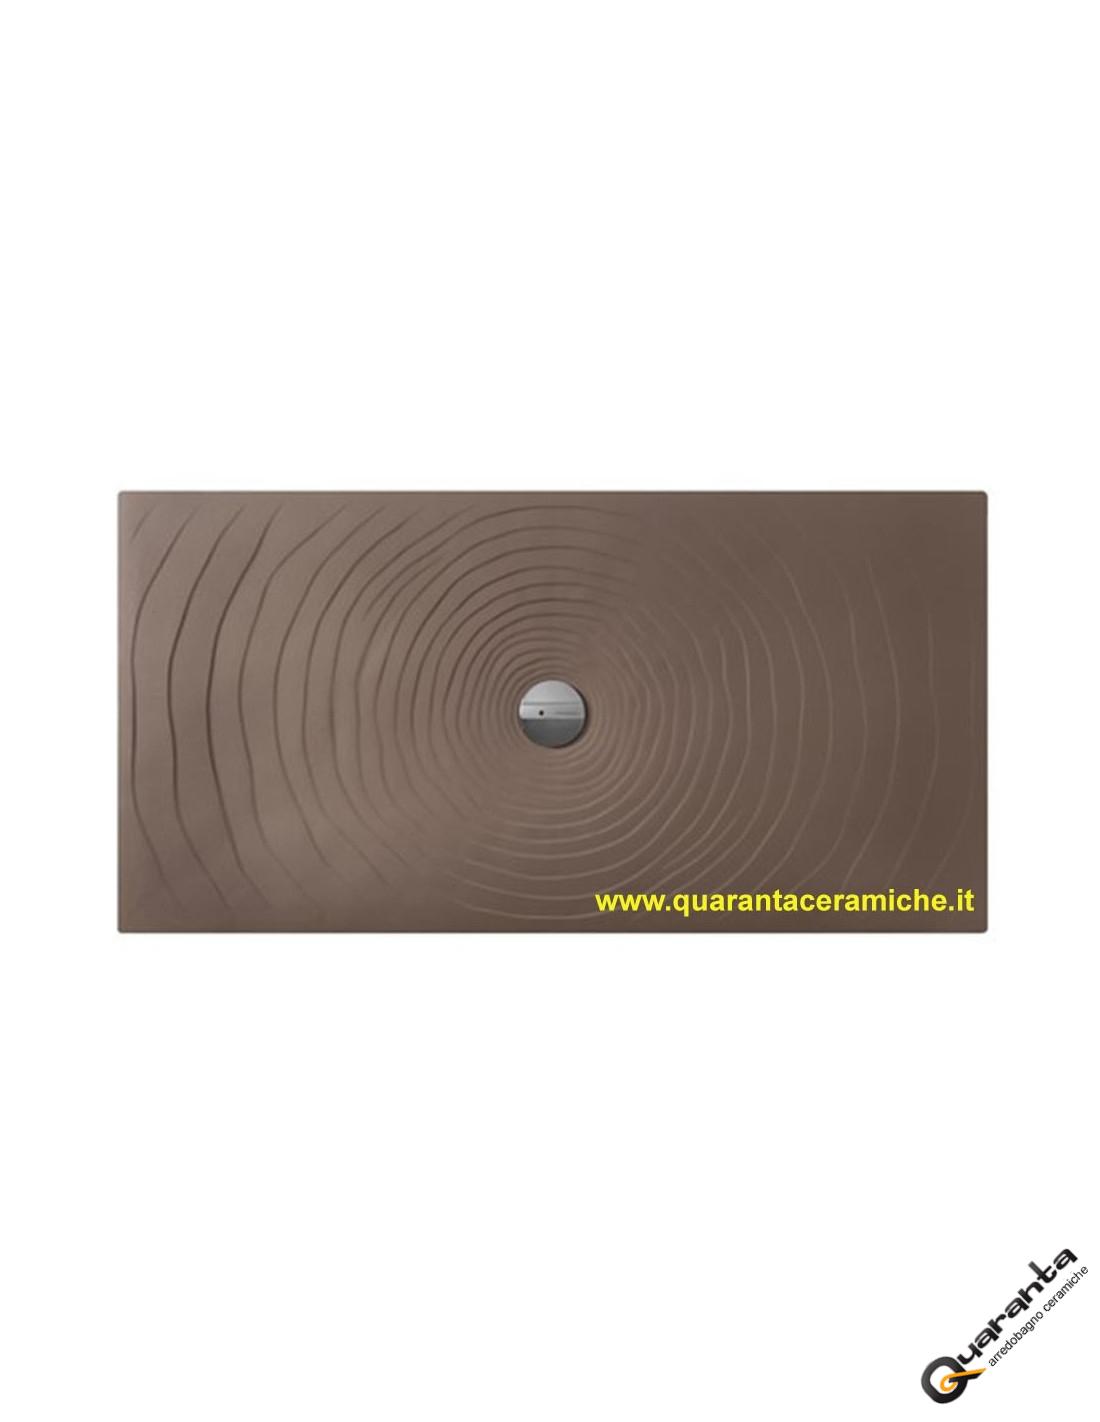 Piatti Doccia Ceramica Flaminia.Piatto Doccia Water Drop 80x140 Fango Flaminia Quaranta